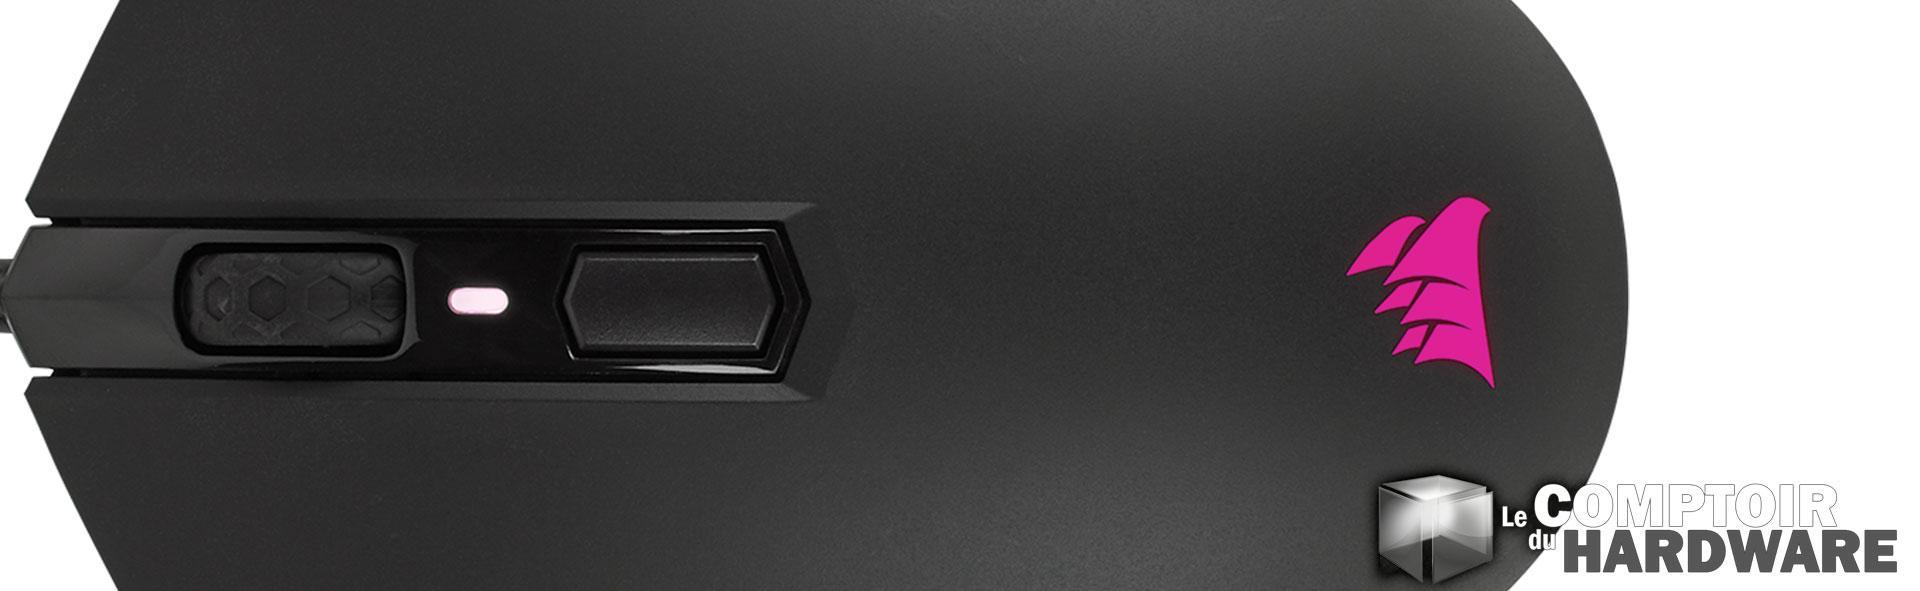 nous avons essay corsair m55 rgb pro le comptoir du. Black Bedroom Furniture Sets. Home Design Ideas